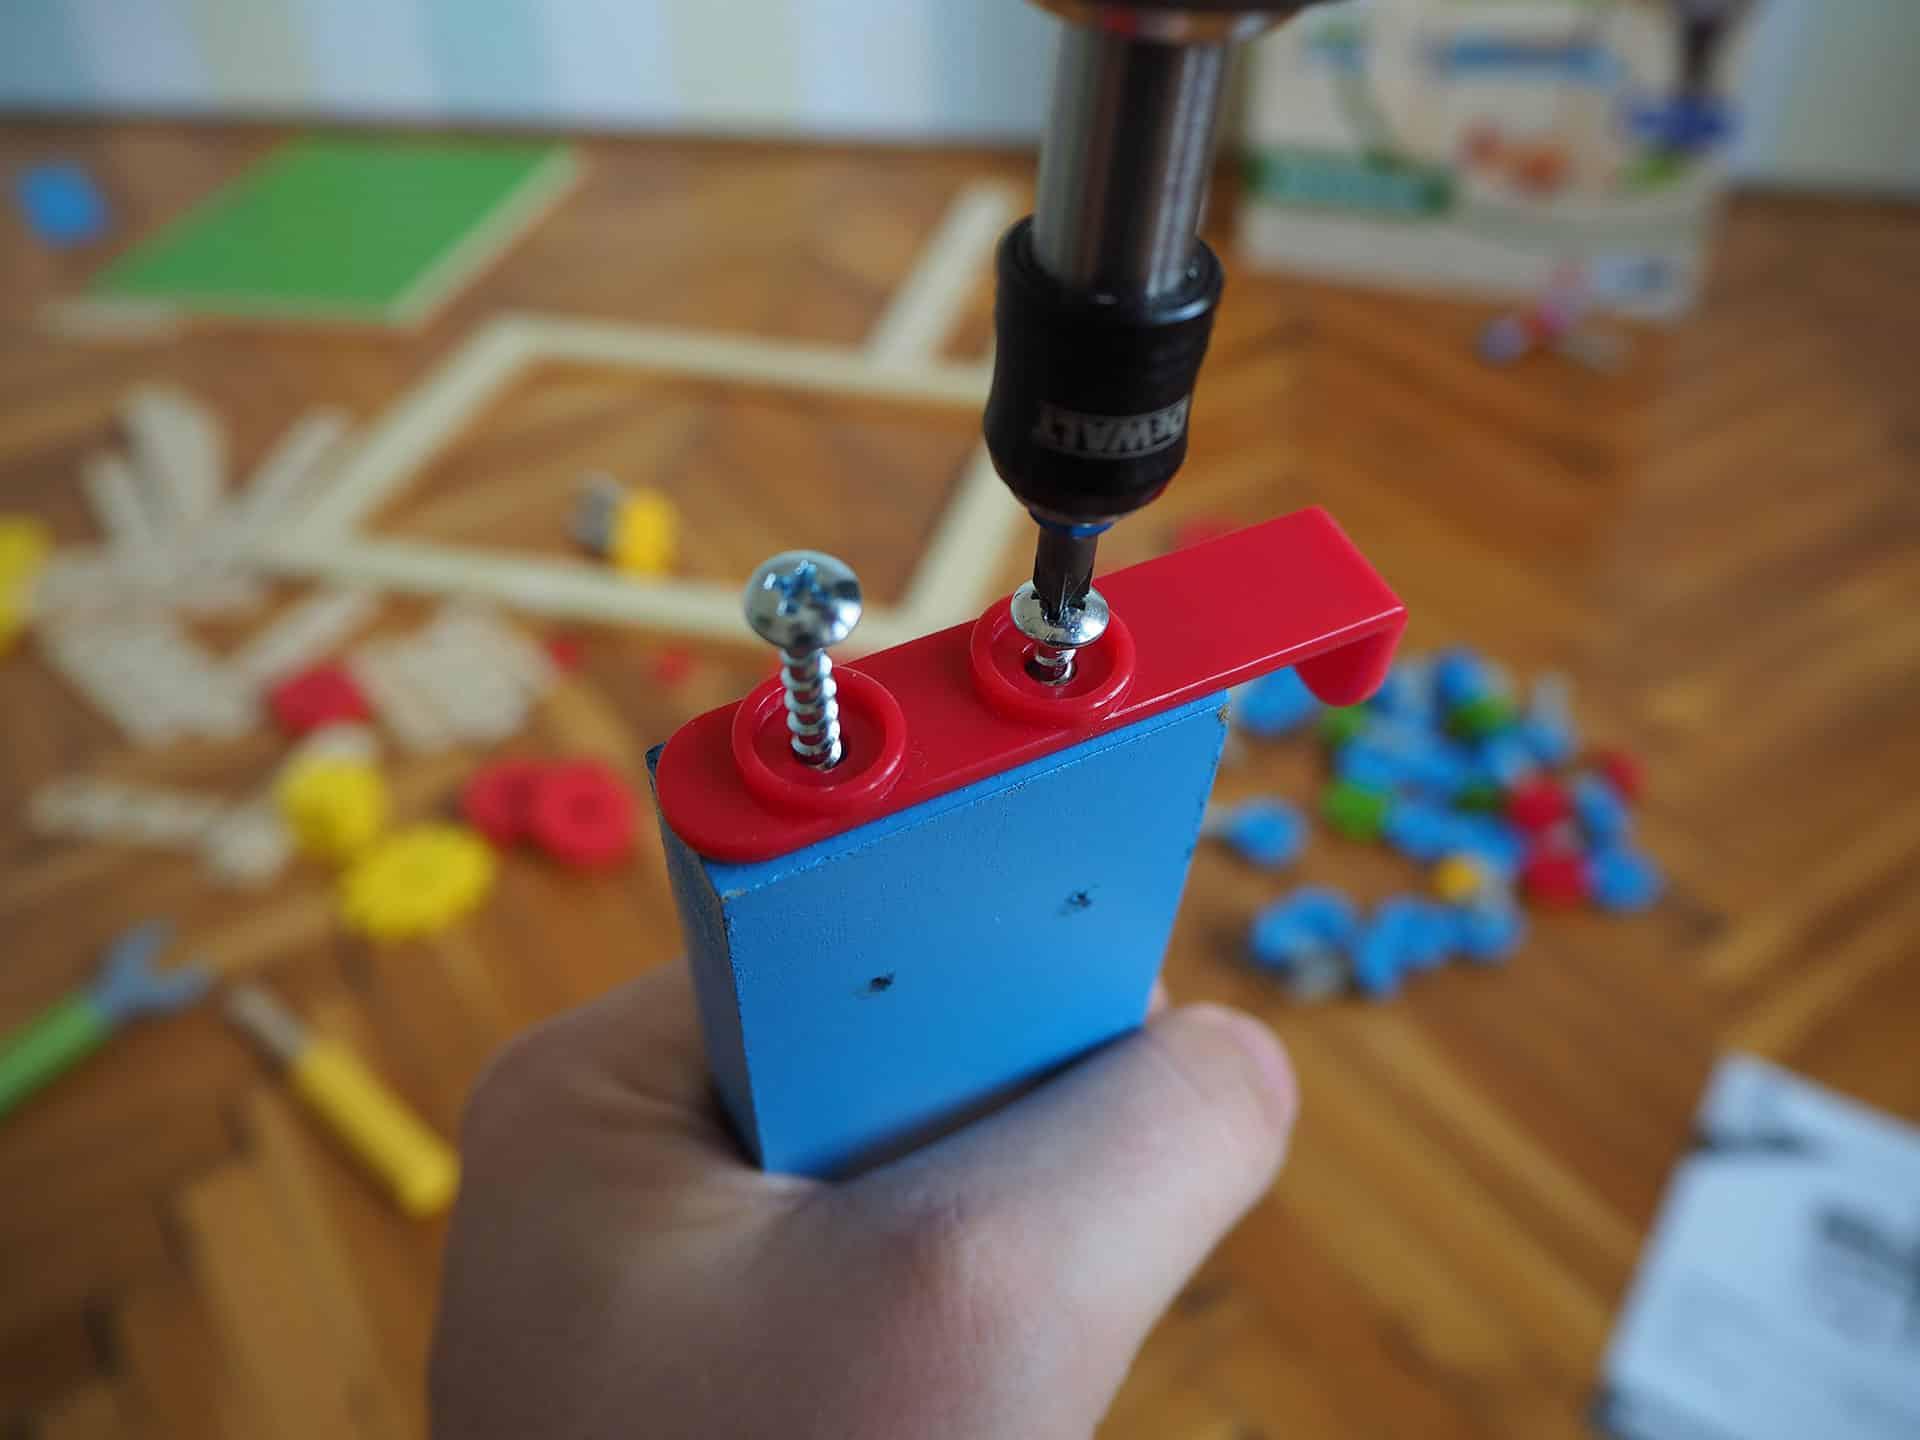 Die PlayTive Werkbank wird nur mit Schrauben zusammengebaut